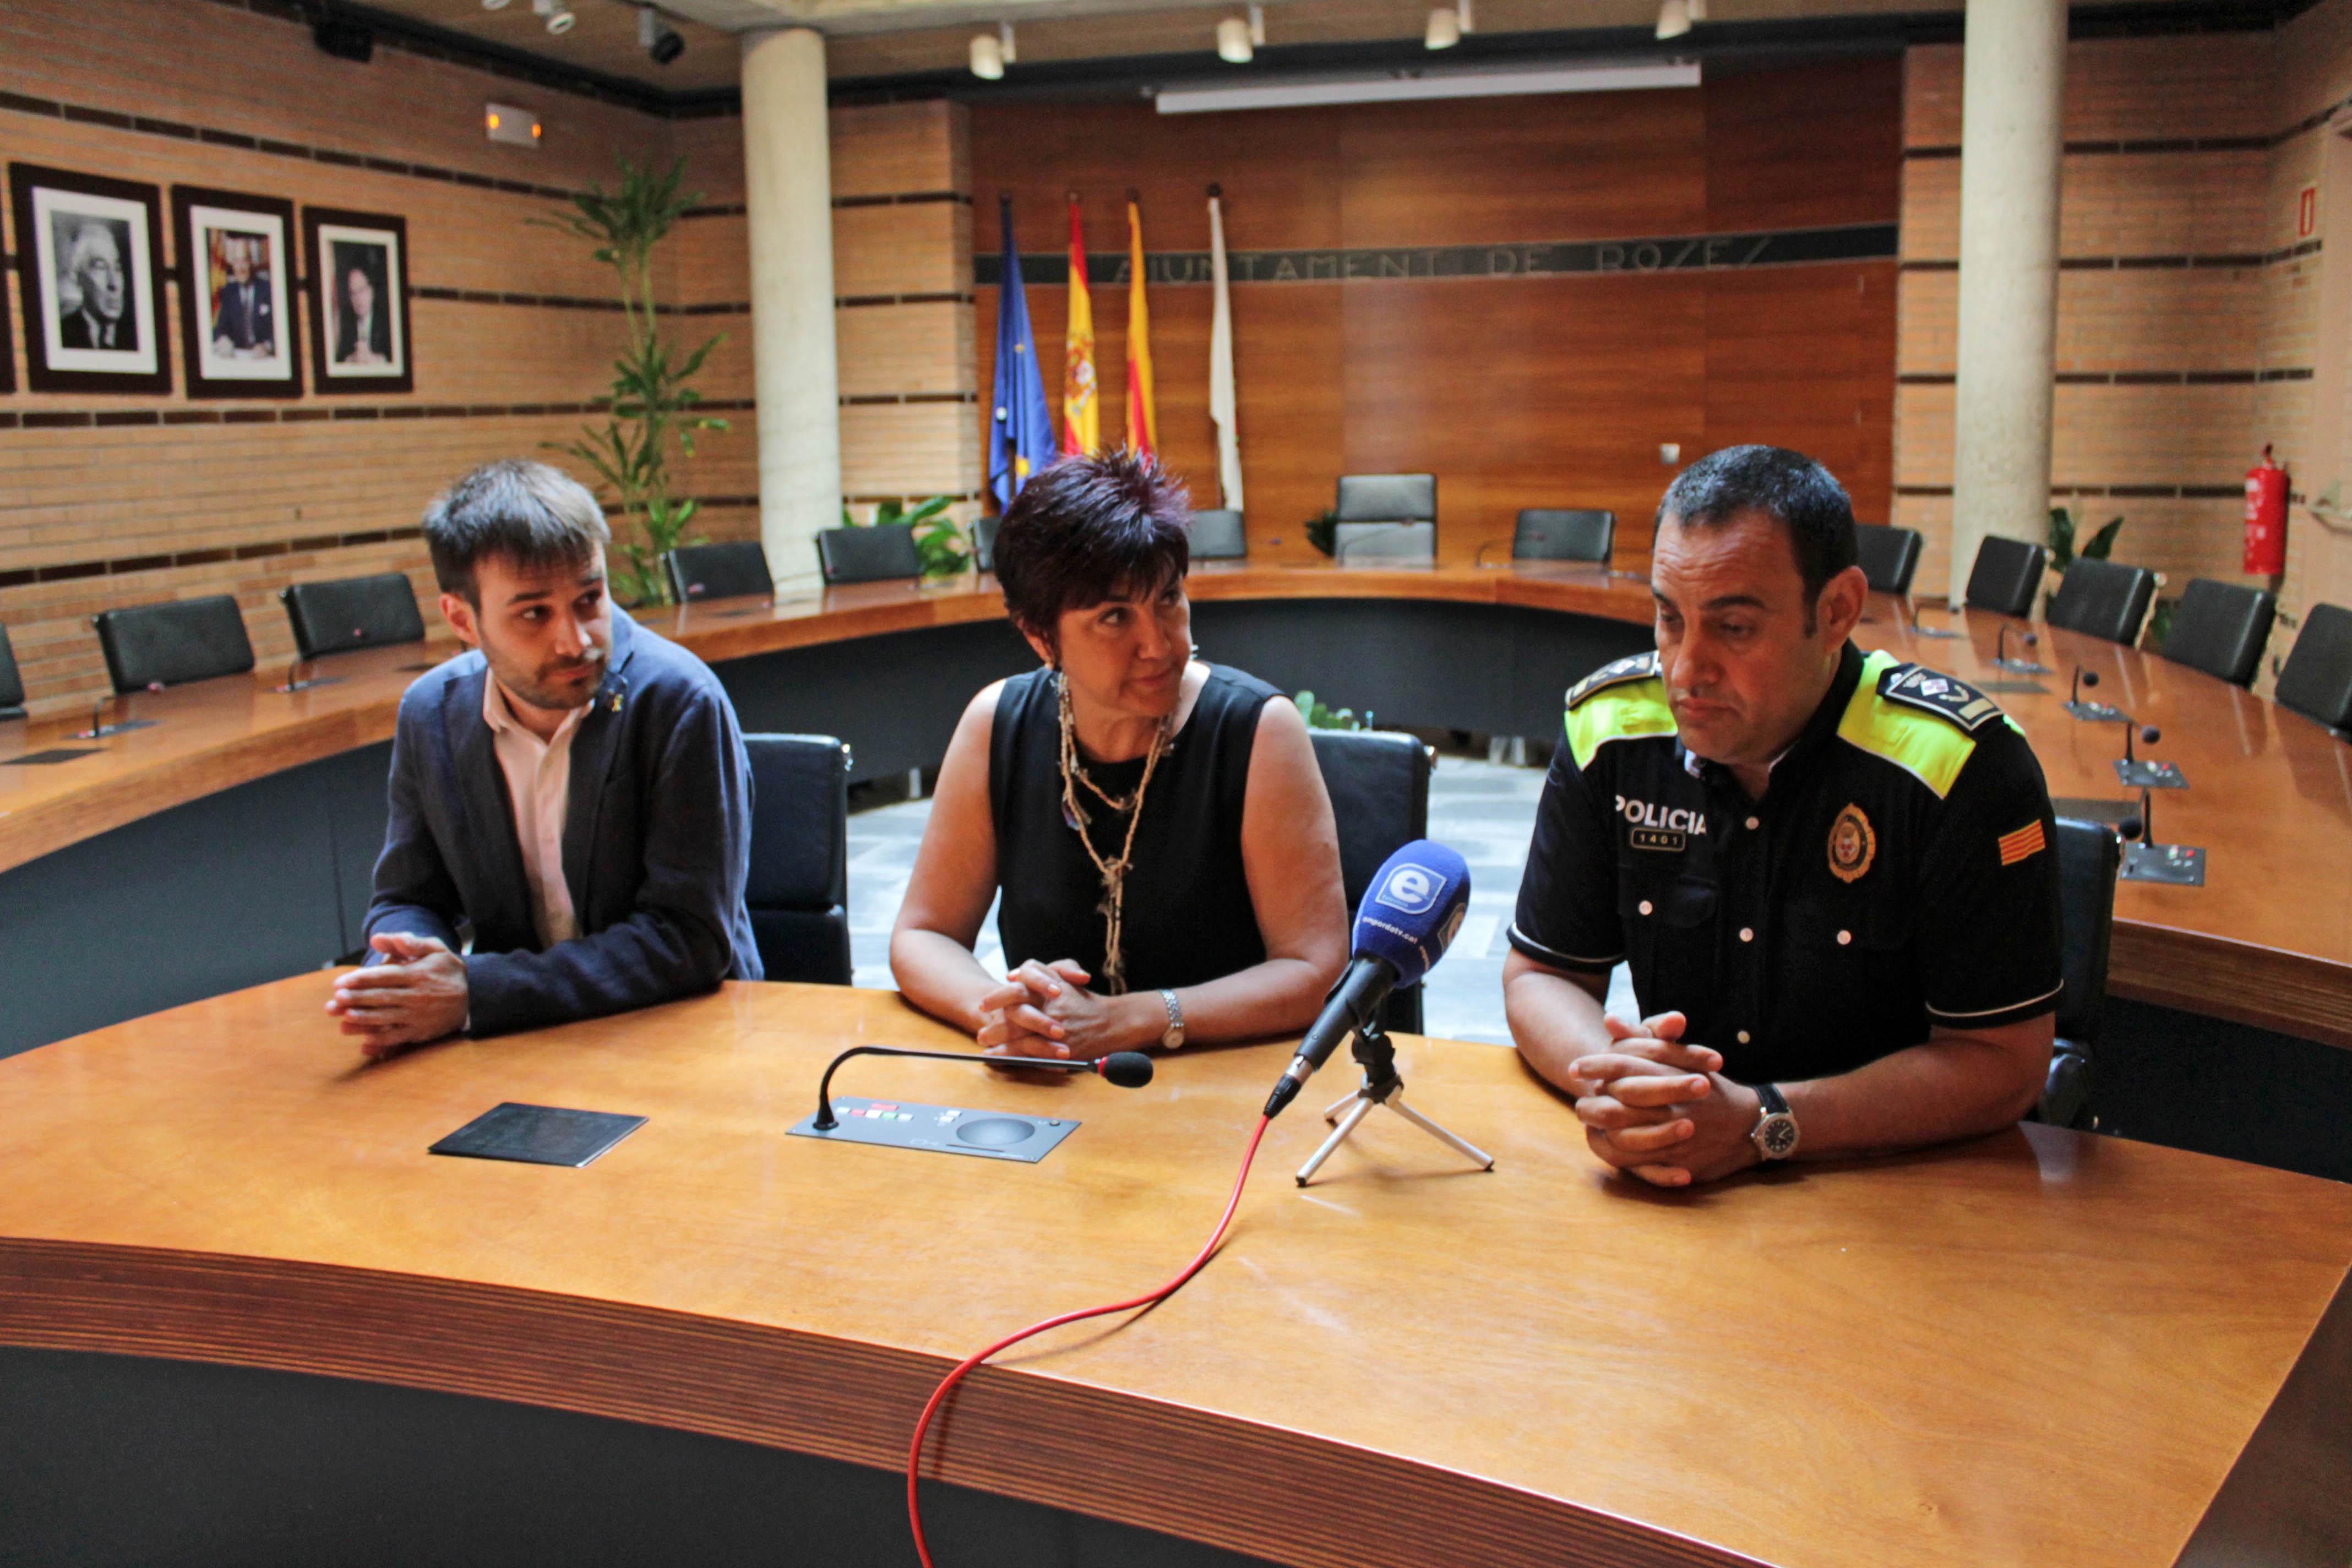 La Policia Local de Roses reforça plantilla i serveis amb 8 agents durant aquest estiu